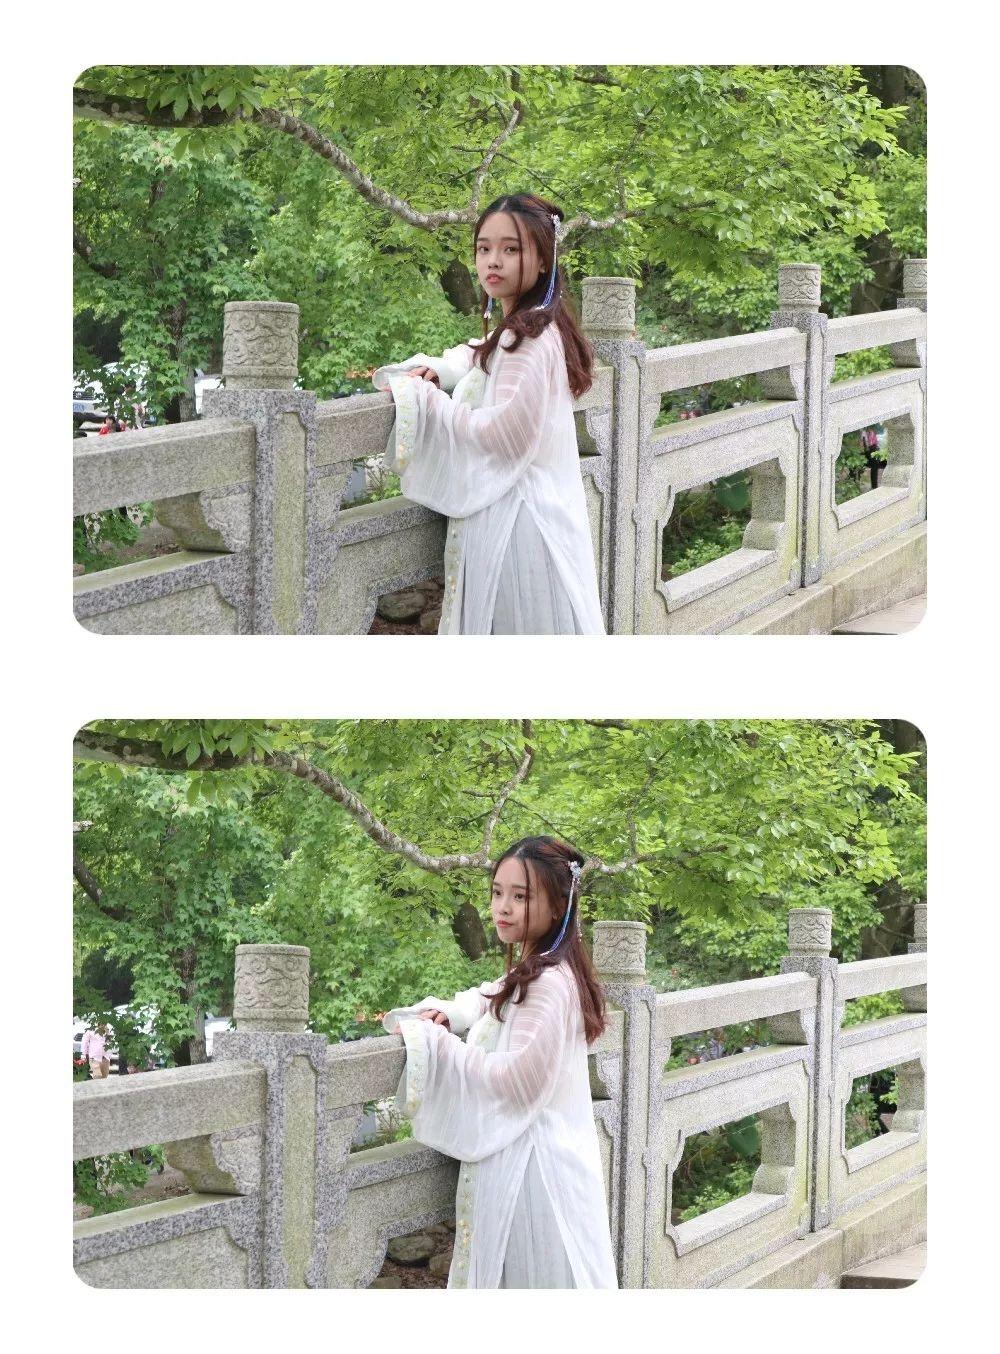 【花朝专辑】又是一年春好时,大美华夏,邀君共赏!